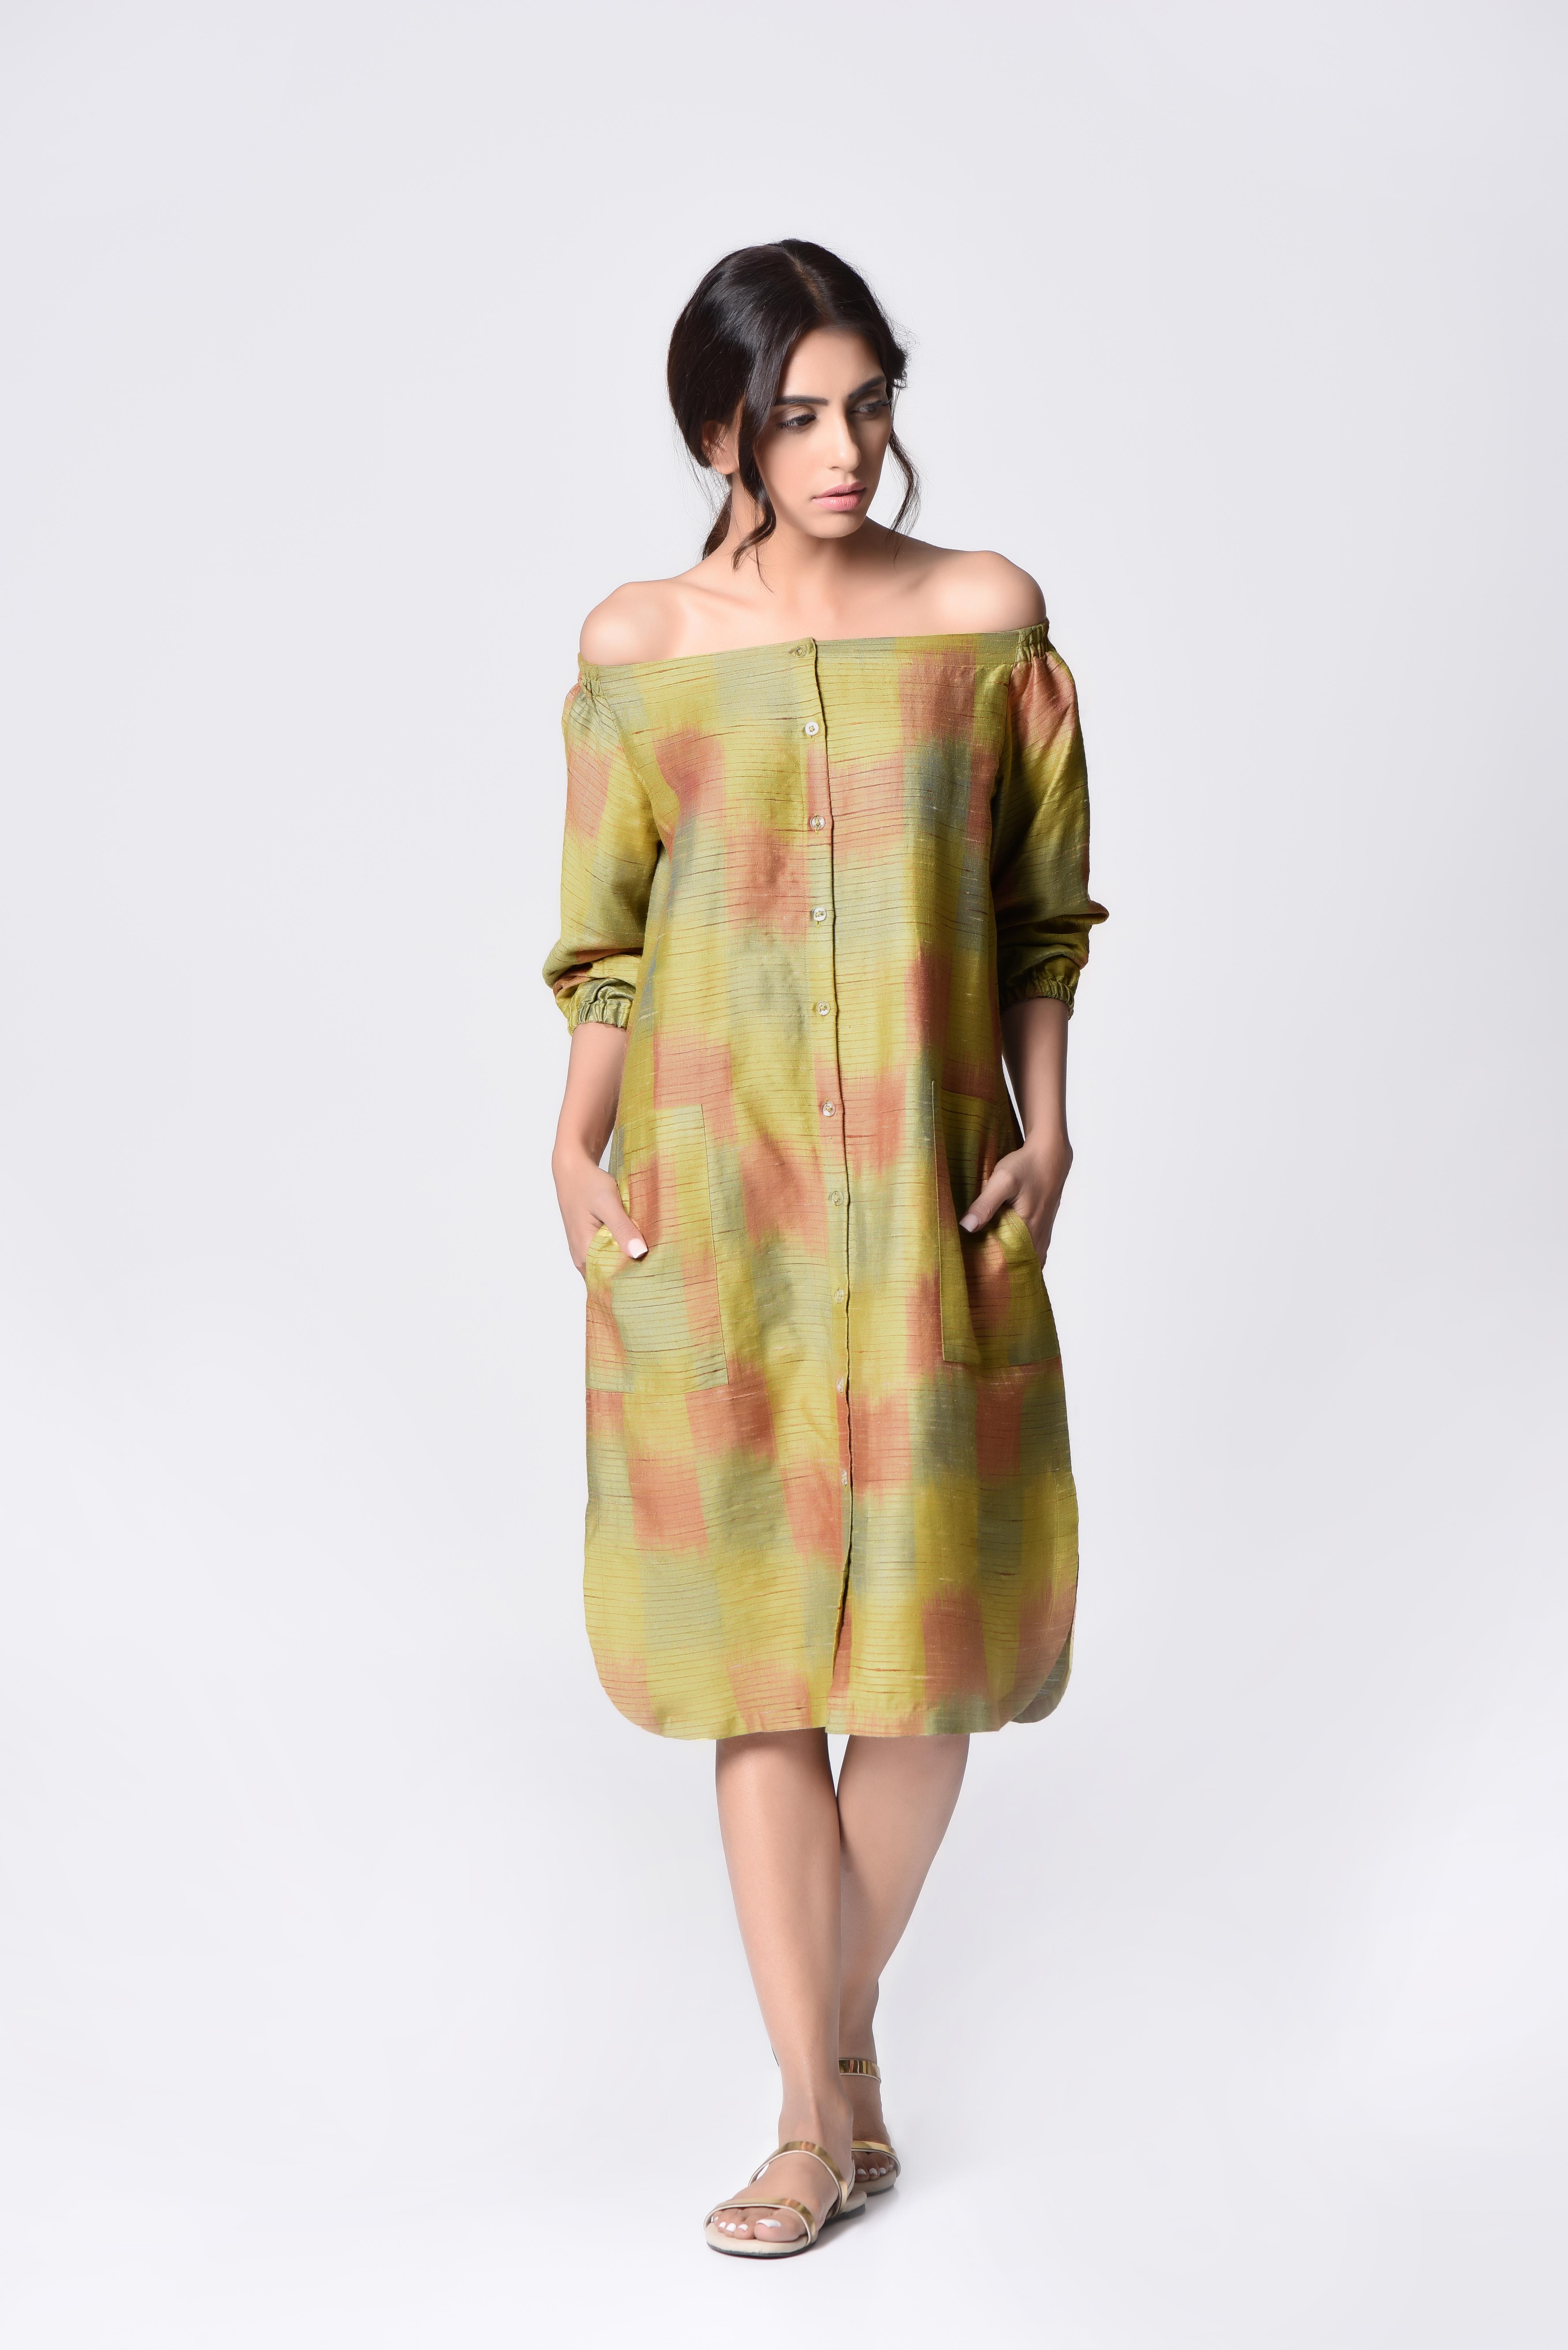 Pastel off shoulder dress